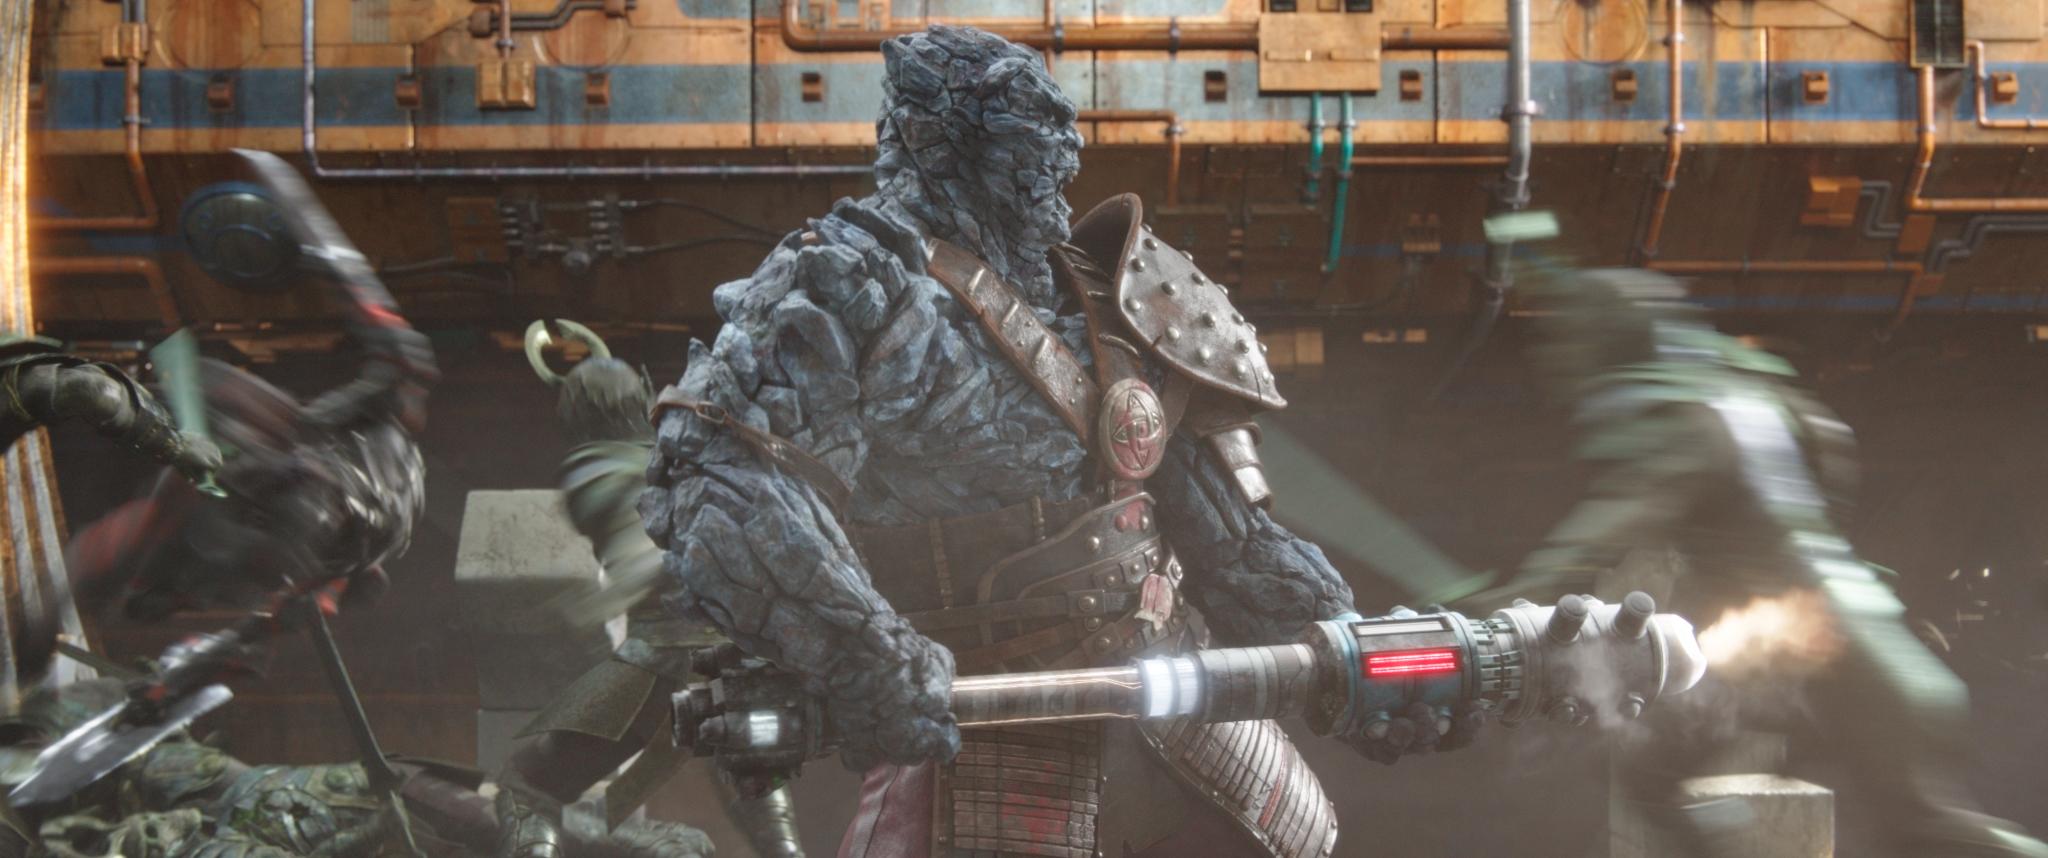 Korg, um dos lutadores do Coliseu de Sakaar